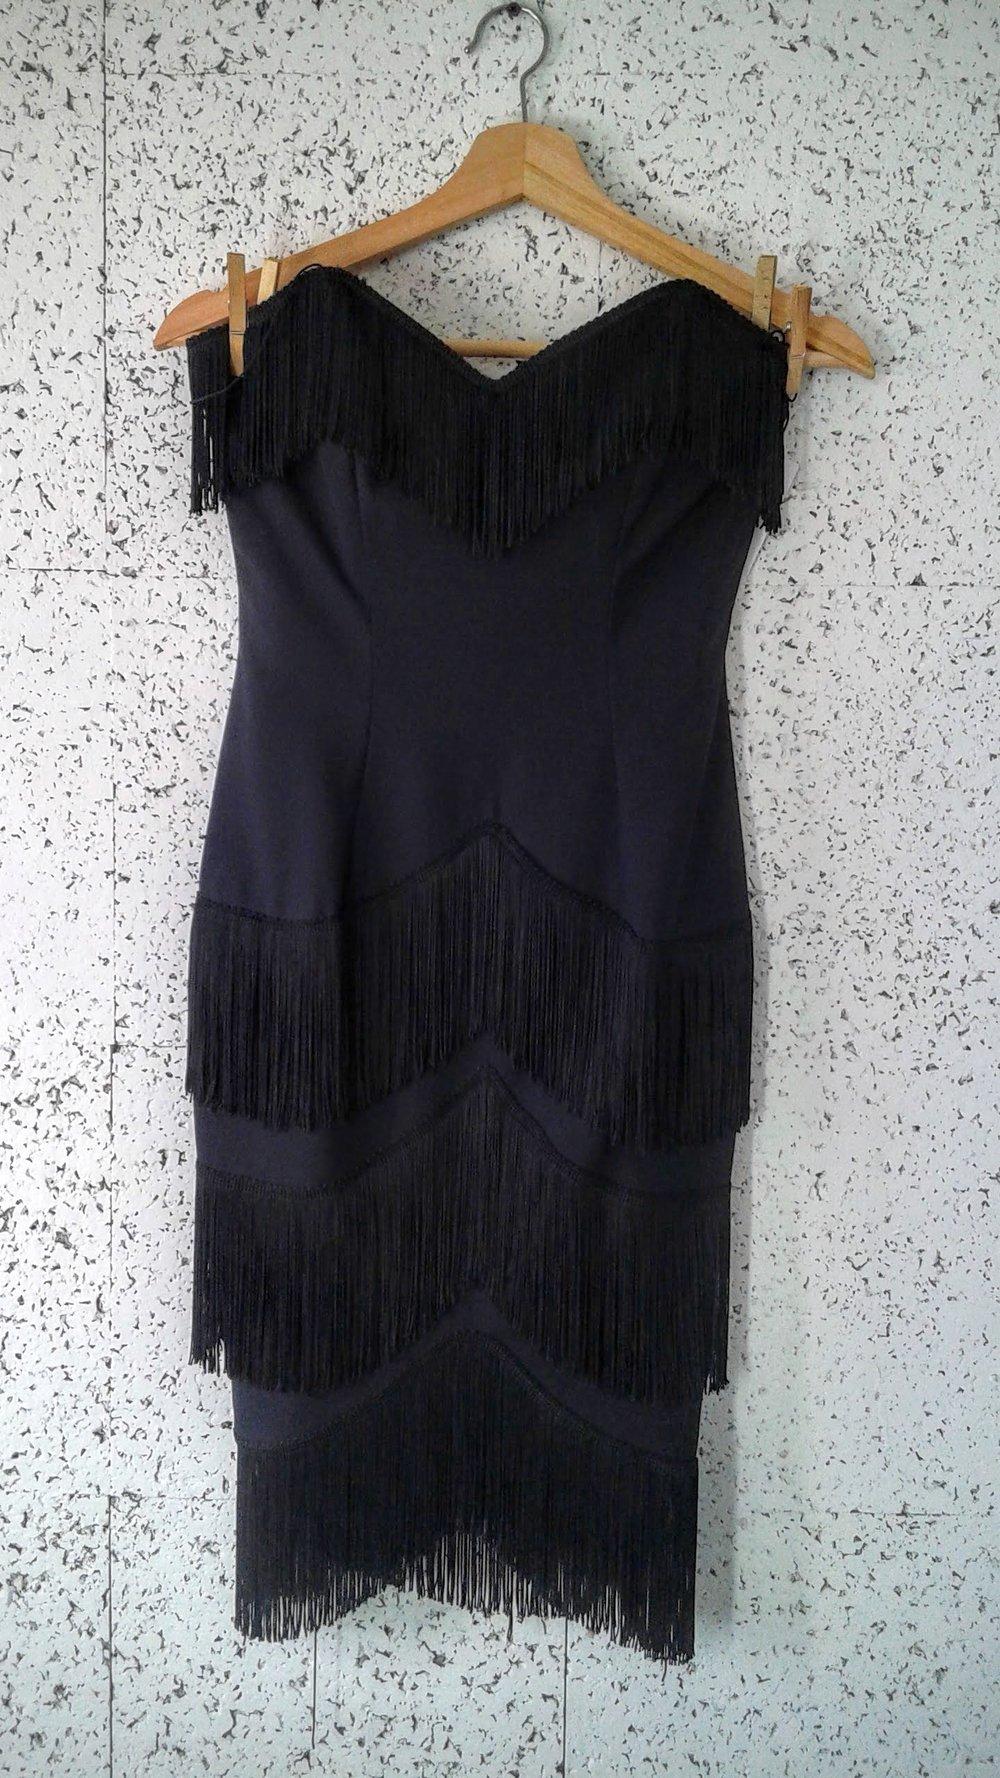 Zakura fringe dress (NWT); Size 6, $28